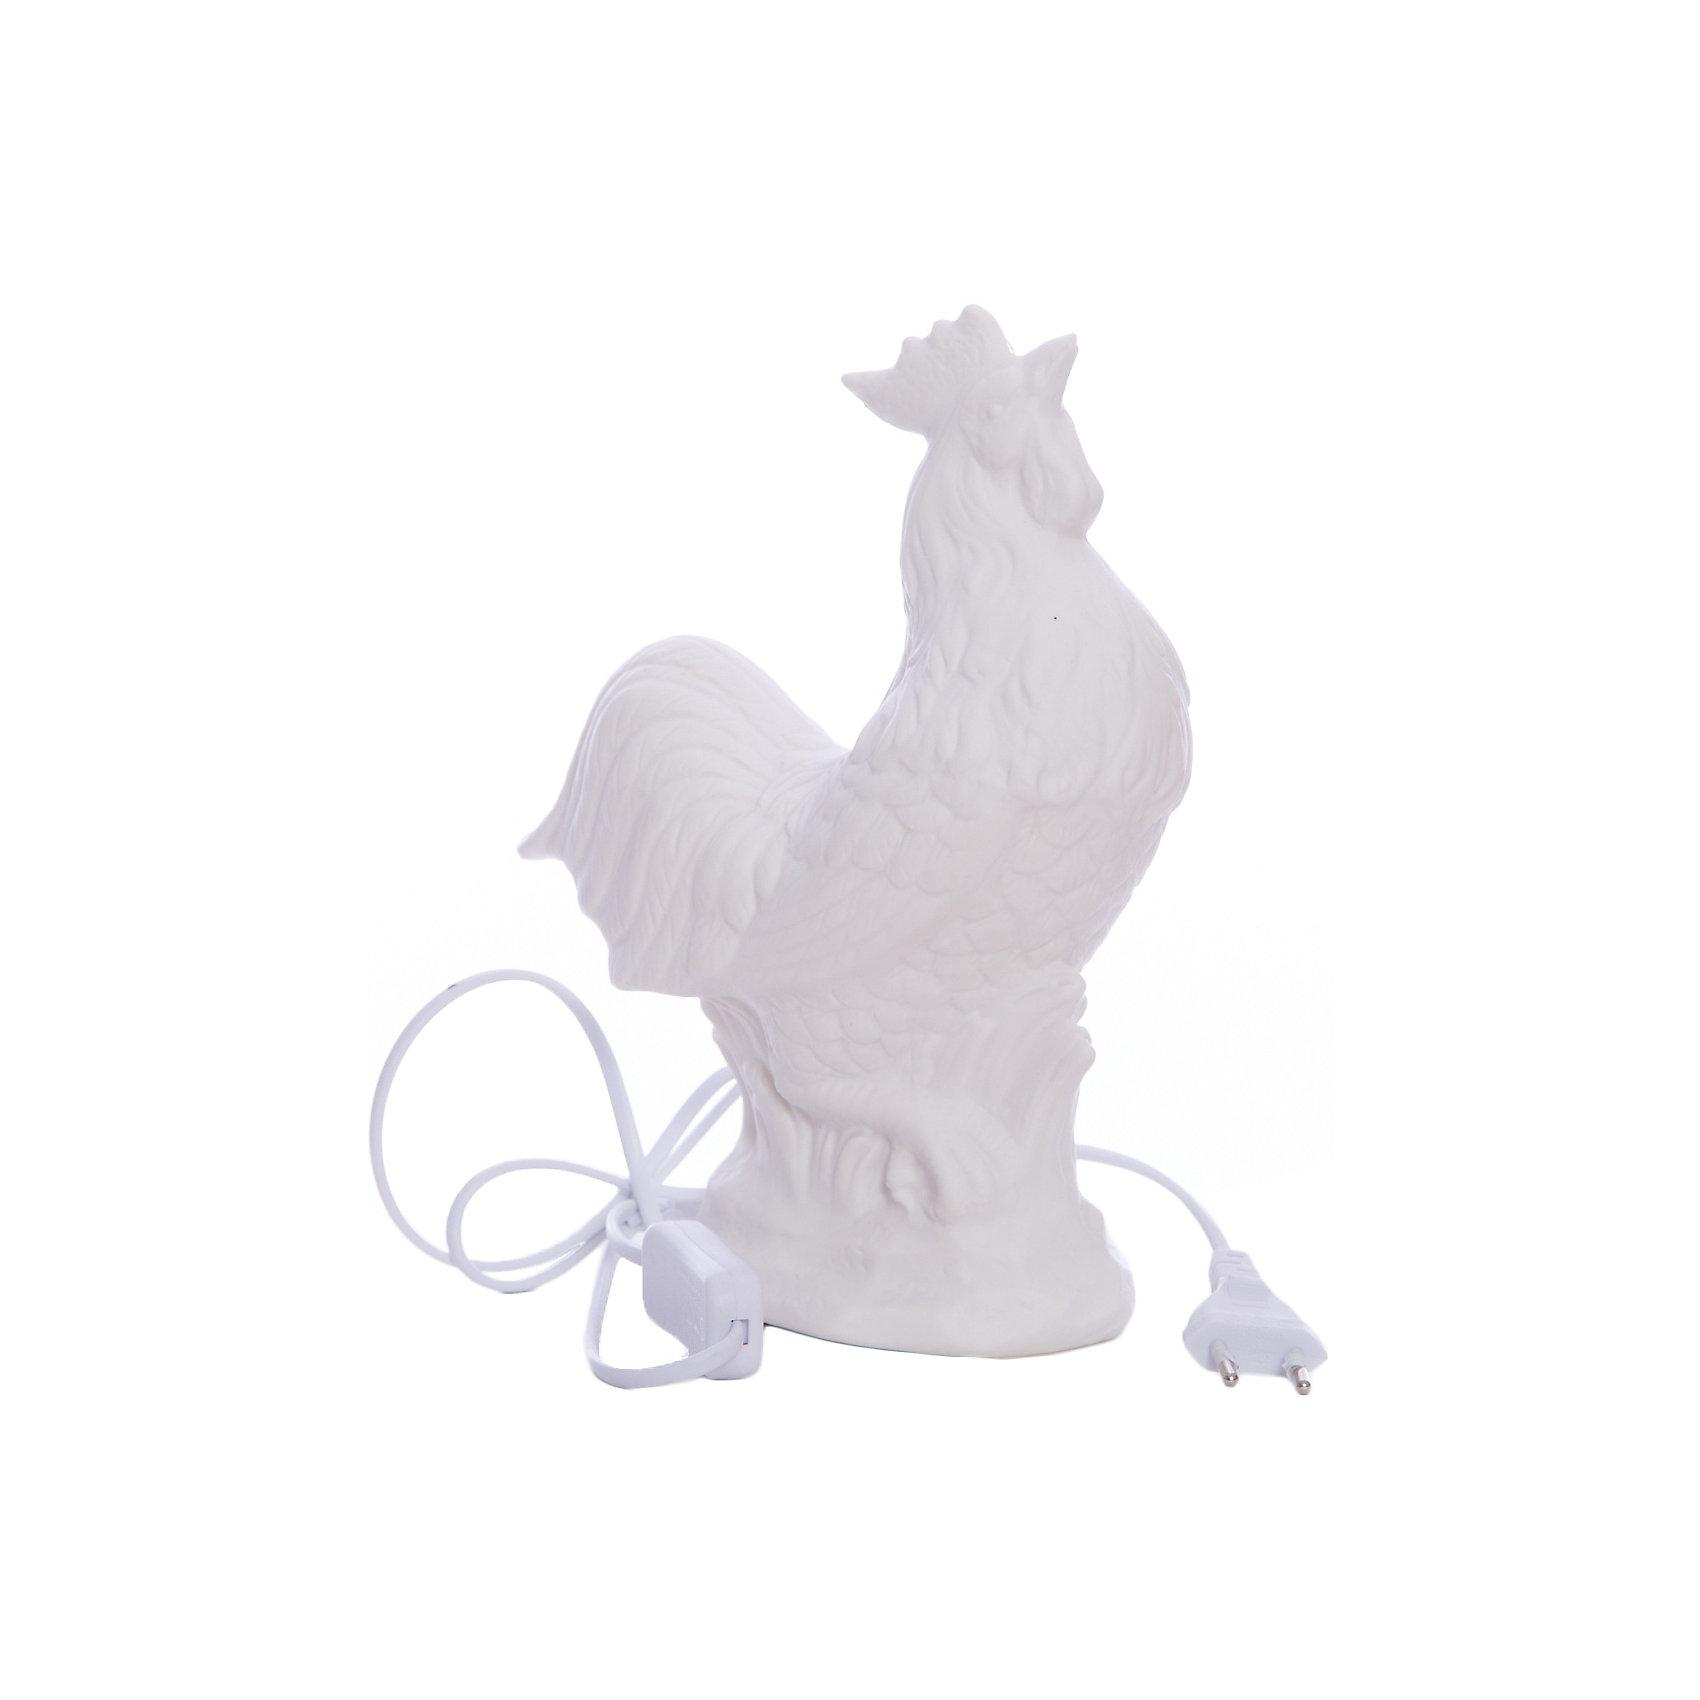 Лампа настольная Петух, электрическая из фарфора, Феникс-ПрезентЛампы, ночники, фонарики<br>Лампа настольная Курица, электрическая из фарфора, Феникс-Презент<br><br>Характеристики:<br><br>• красивый светильник в форме петуха<br>• лампа накаливания 220-250 В, 50 Гц<br>• материал: фарфор<br>• размер: 18,5х8,5х25 см<br><br>Настольная лампа в форме петуха займет достойное место в интерьере вашей комнаты! Она наполнит комнату мягким светом и создаст атмосферу уюта и гармонии. Кроме того, вы сможете преподнести эту лампу в подарок - получатель точно будет рад! Лампа изготовлена из качественного фарфора. Размер лампы - 18,5х8,5х25 сантиметров.<br><br>Лампу настольную Курица, электрическую из фарфора, Феникс-Презент вы можете купить в нашем интернет-магазине.<br><br>Ширина мм: 580<br>Глубина мм: 440<br>Высота мм: 480<br>Вес г: 11600<br>Возраст от месяцев: 120<br>Возраст до месяцев: 2147483647<br>Пол: Унисекс<br>Возраст: Детский<br>SKU: 5449762